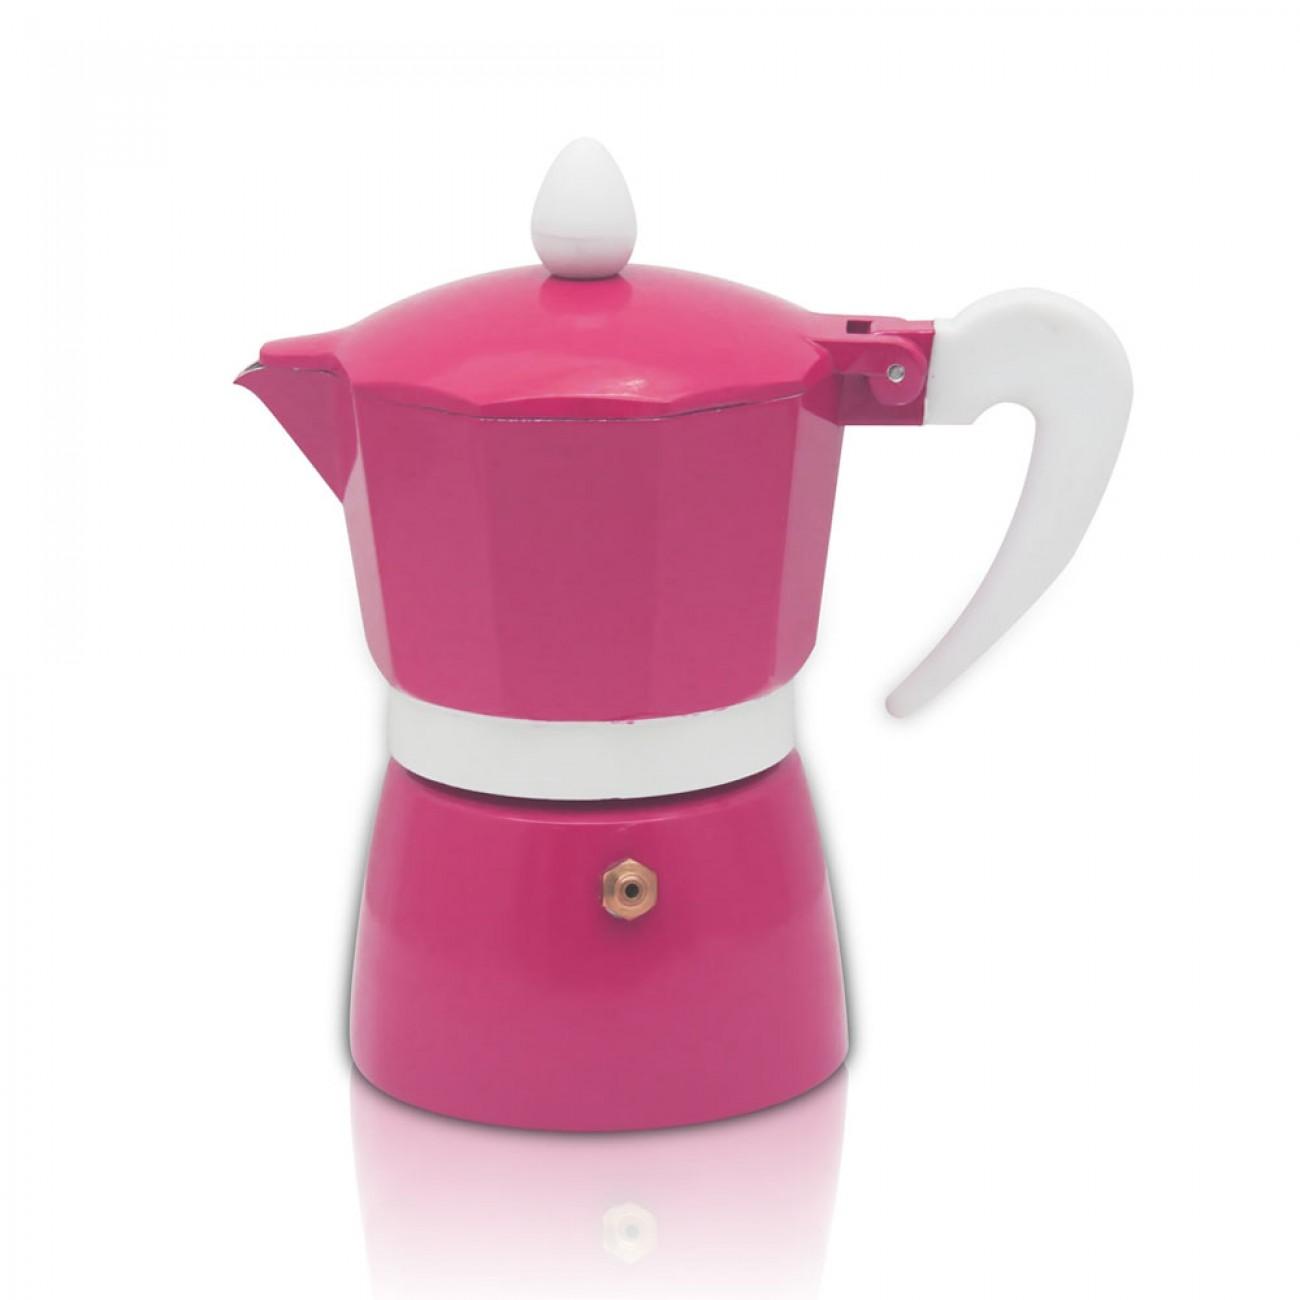 Кубинска кафеварка ZEPHYR ZP 1173 L9, 9 чаши, Топлоустойчива дръжка, Розов в Кафеварки за котлон - ZEPHYR   Alleop